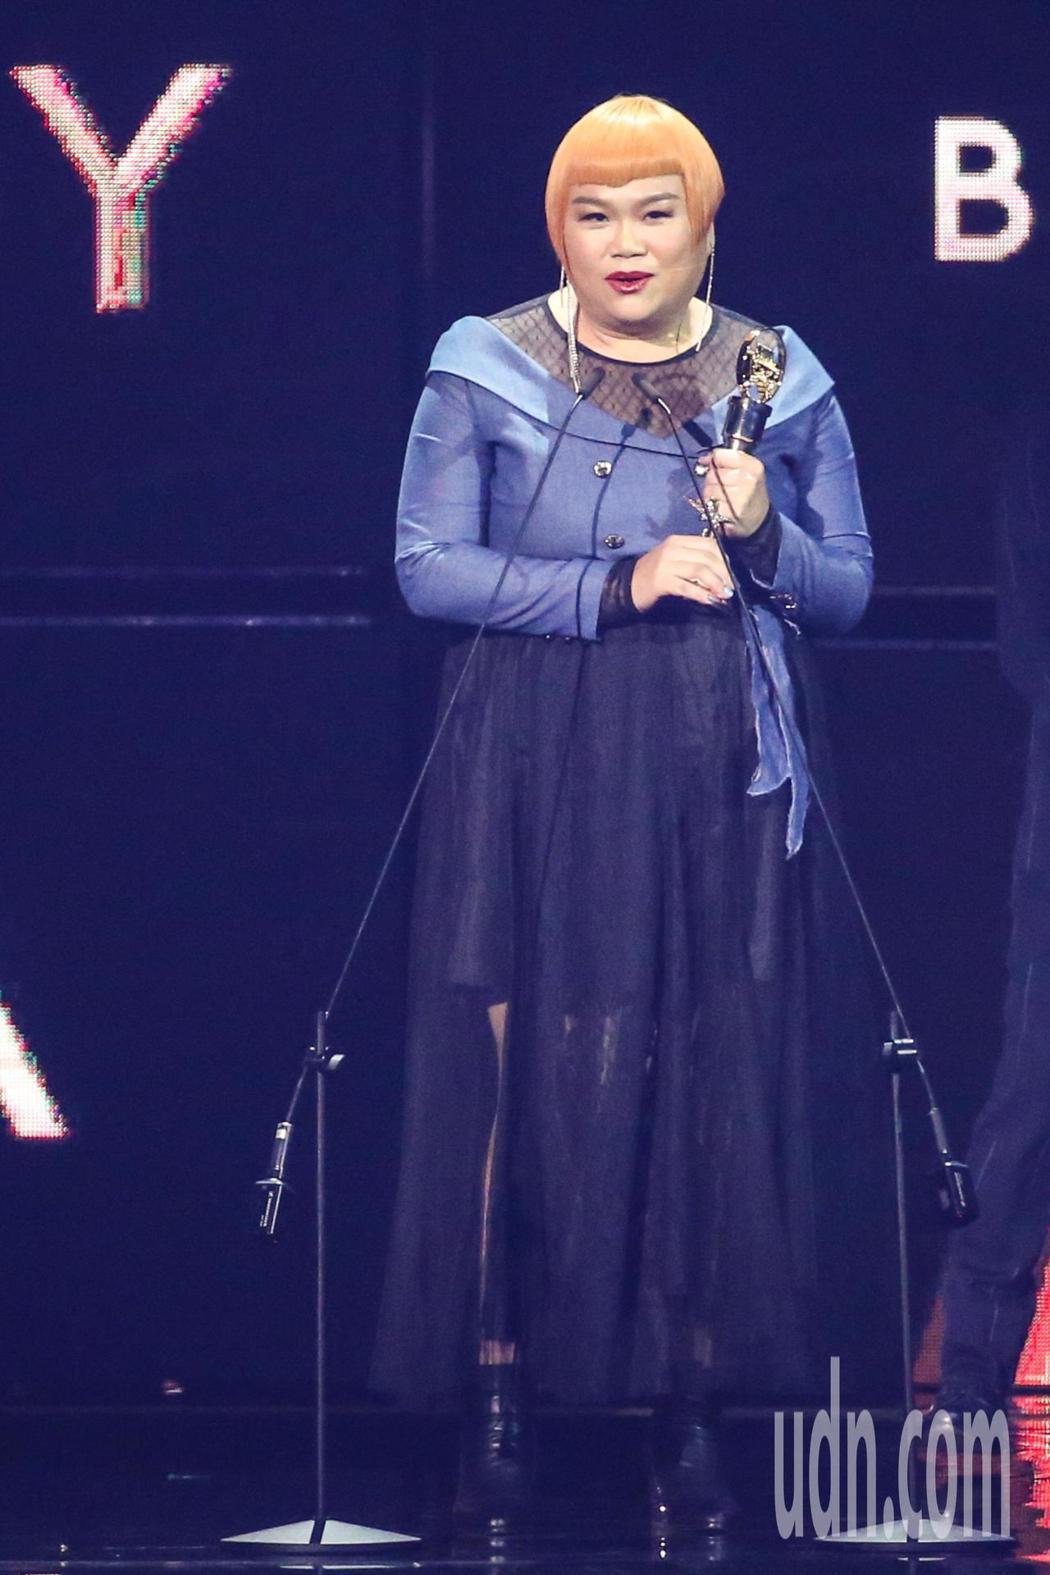 第30屆金曲獎,最佳客語歌手獎由楊淑喻獲得。記者林伯東/攝影